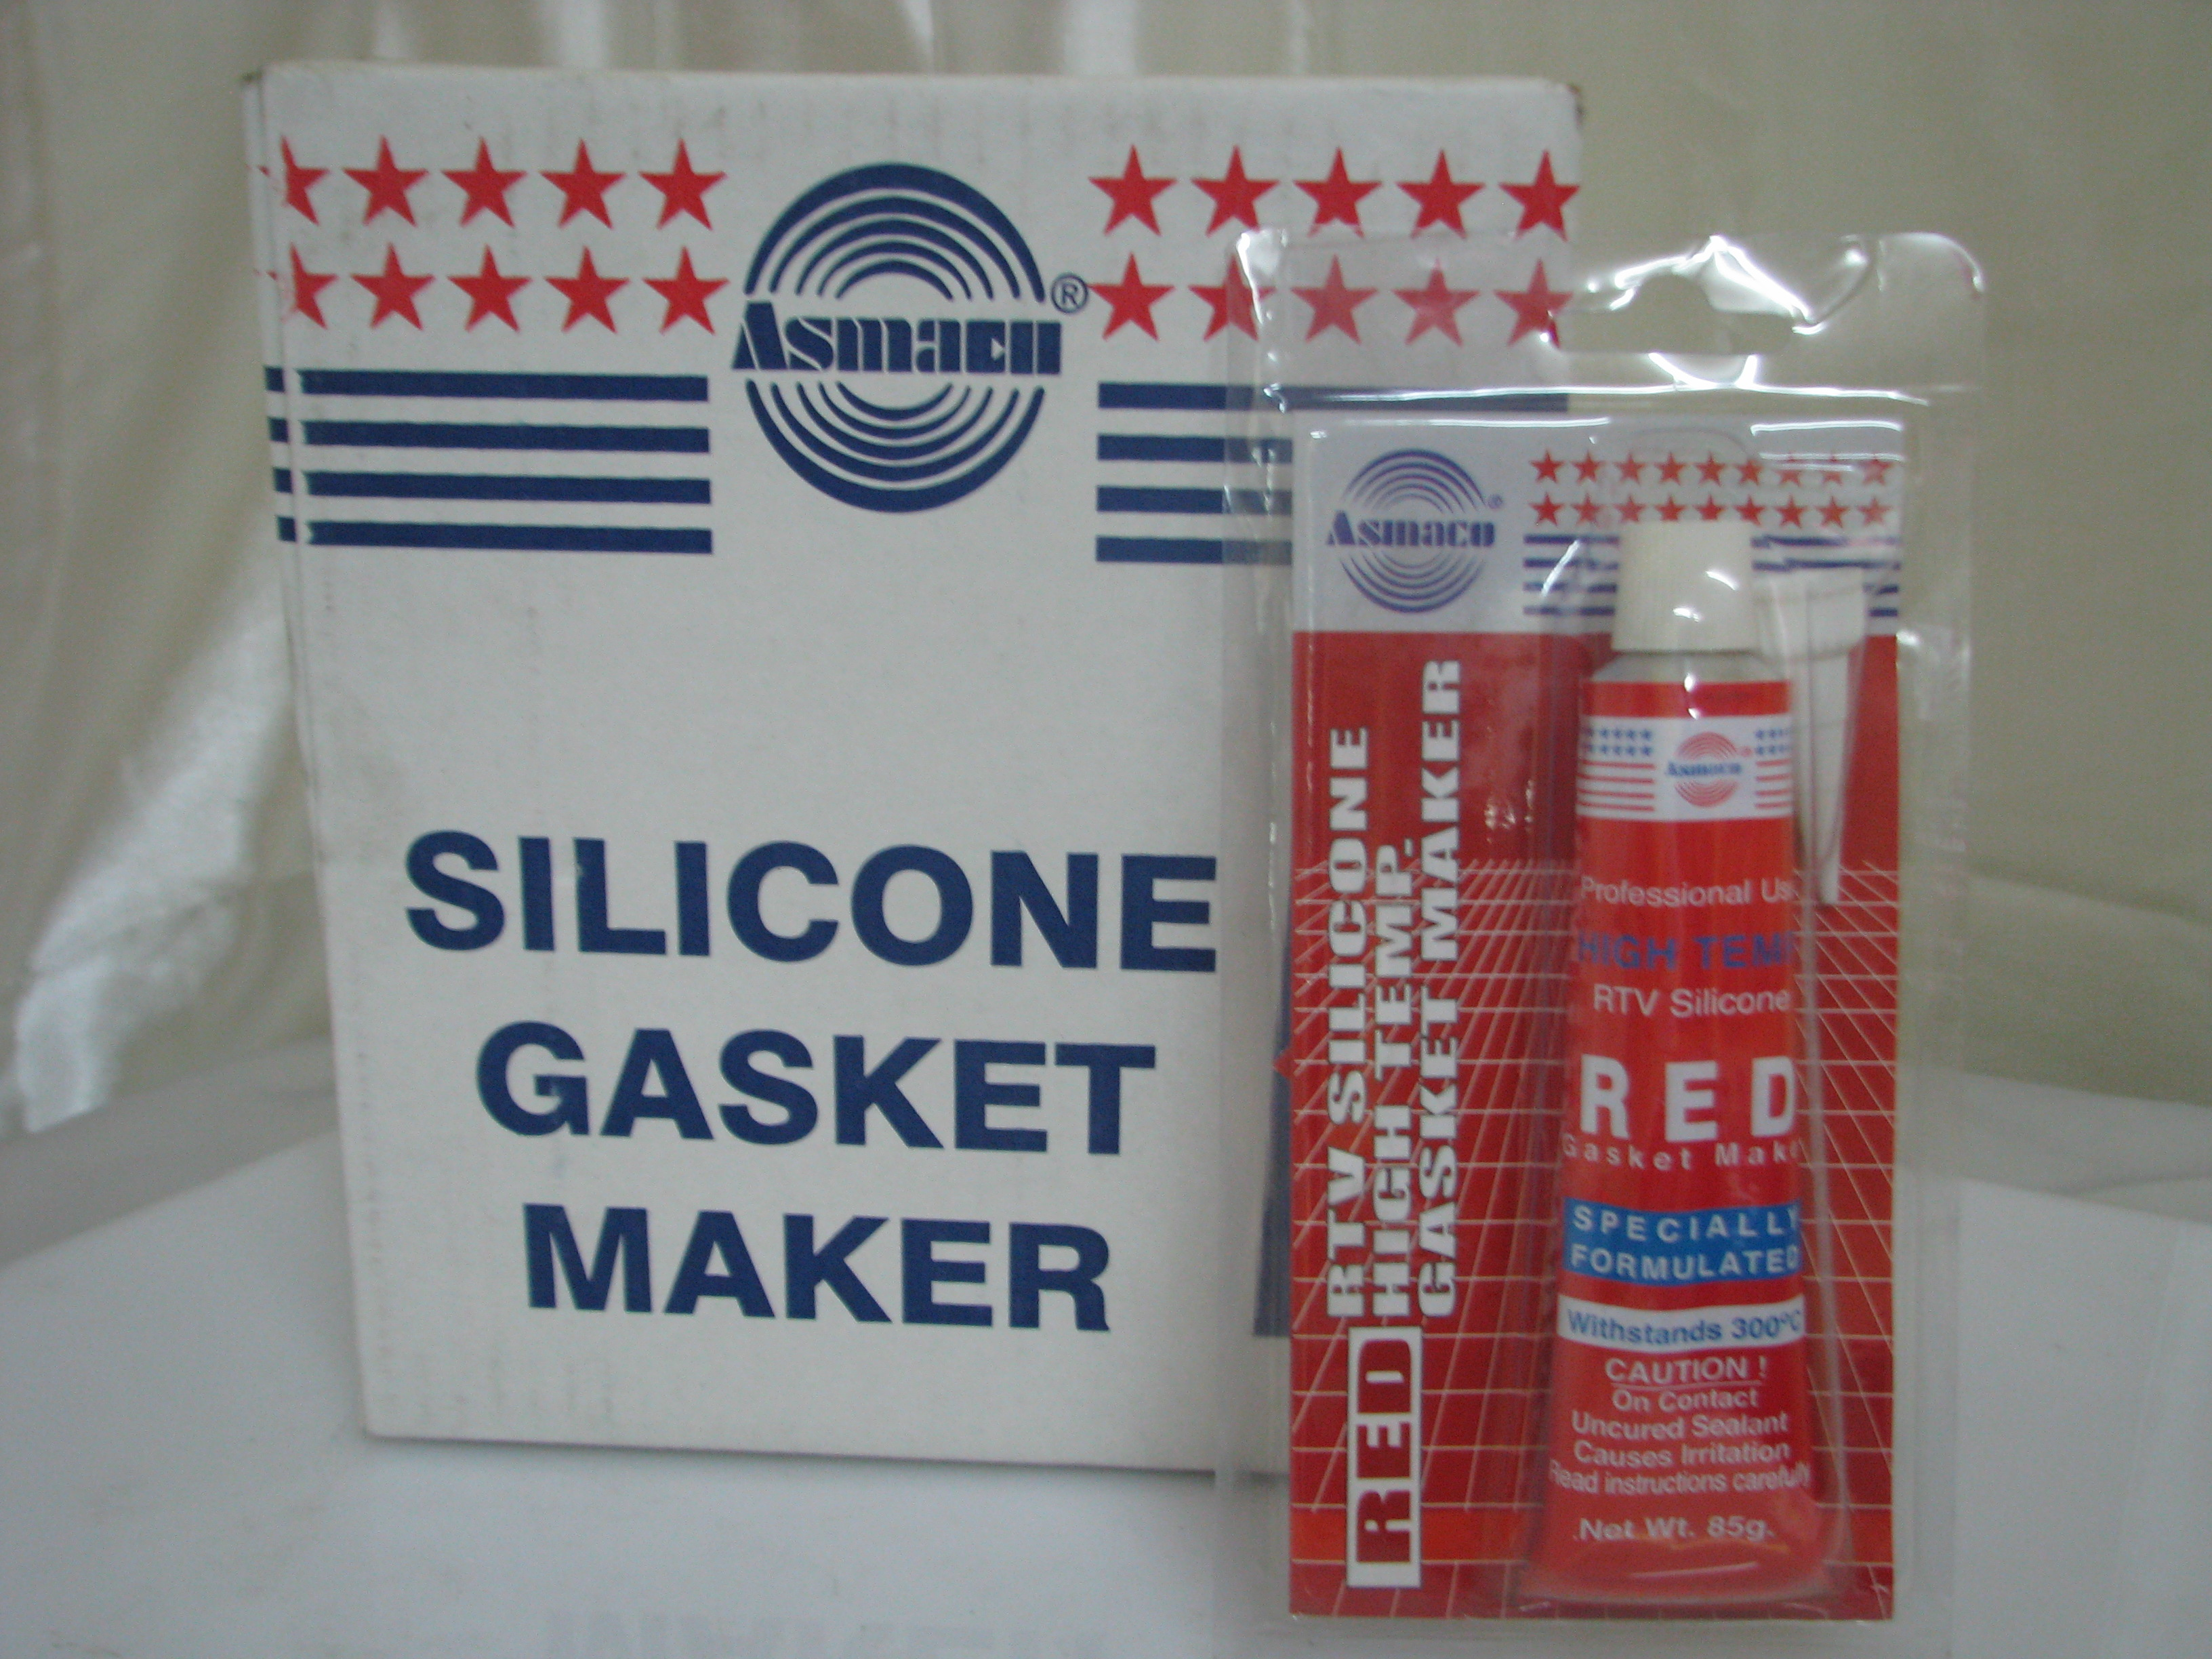 gasket maker. asmaco gasket maker - 85 gms